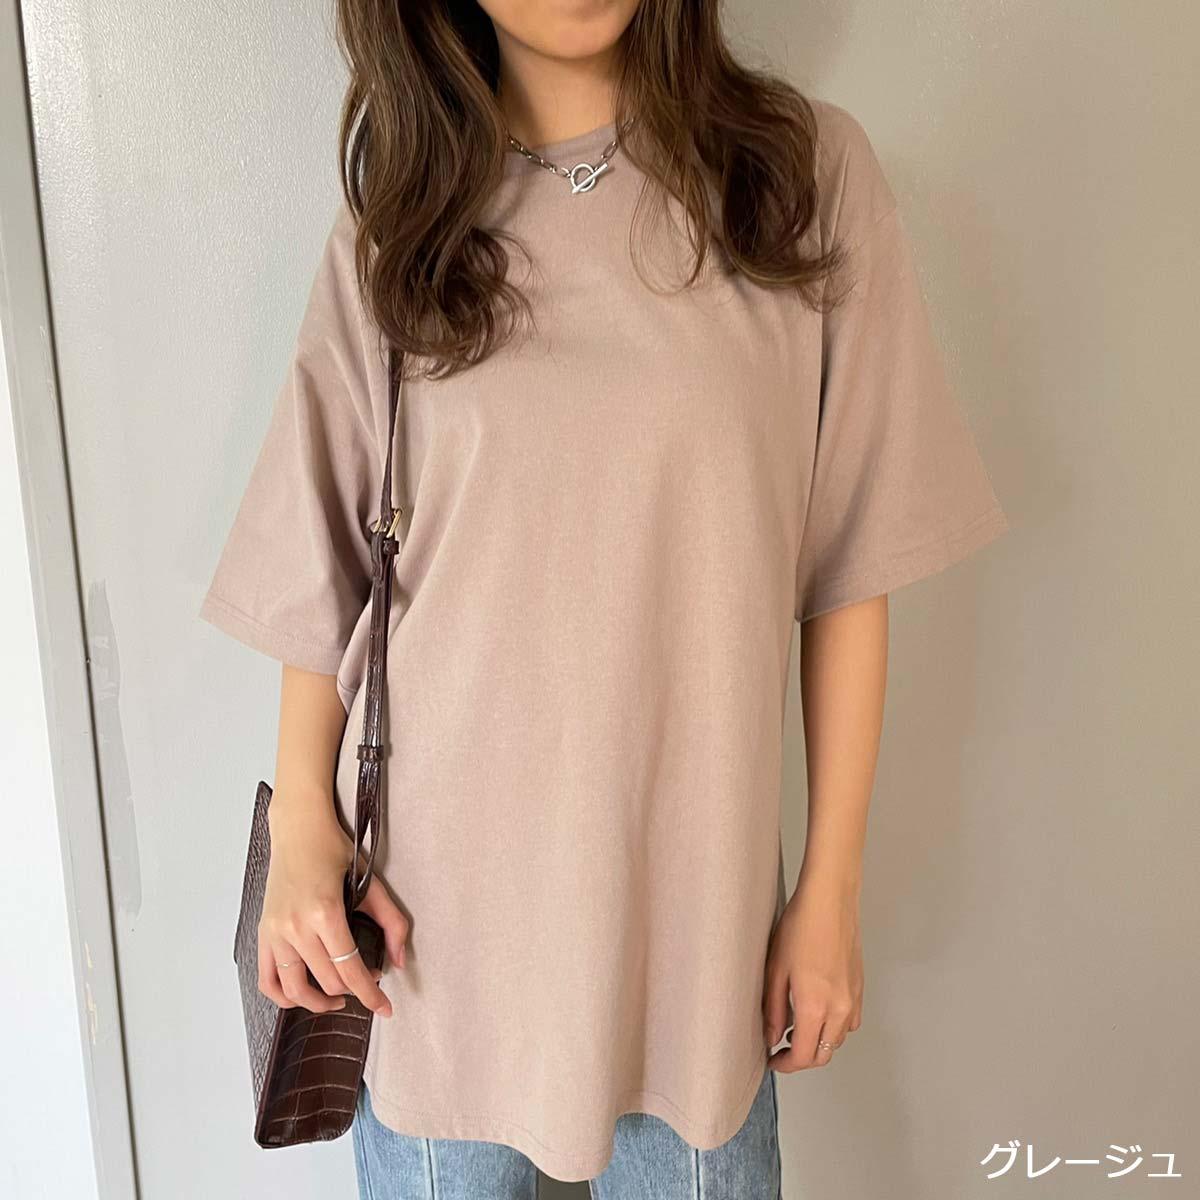 【5/11再入荷】バックヘンリーネックTシャツ